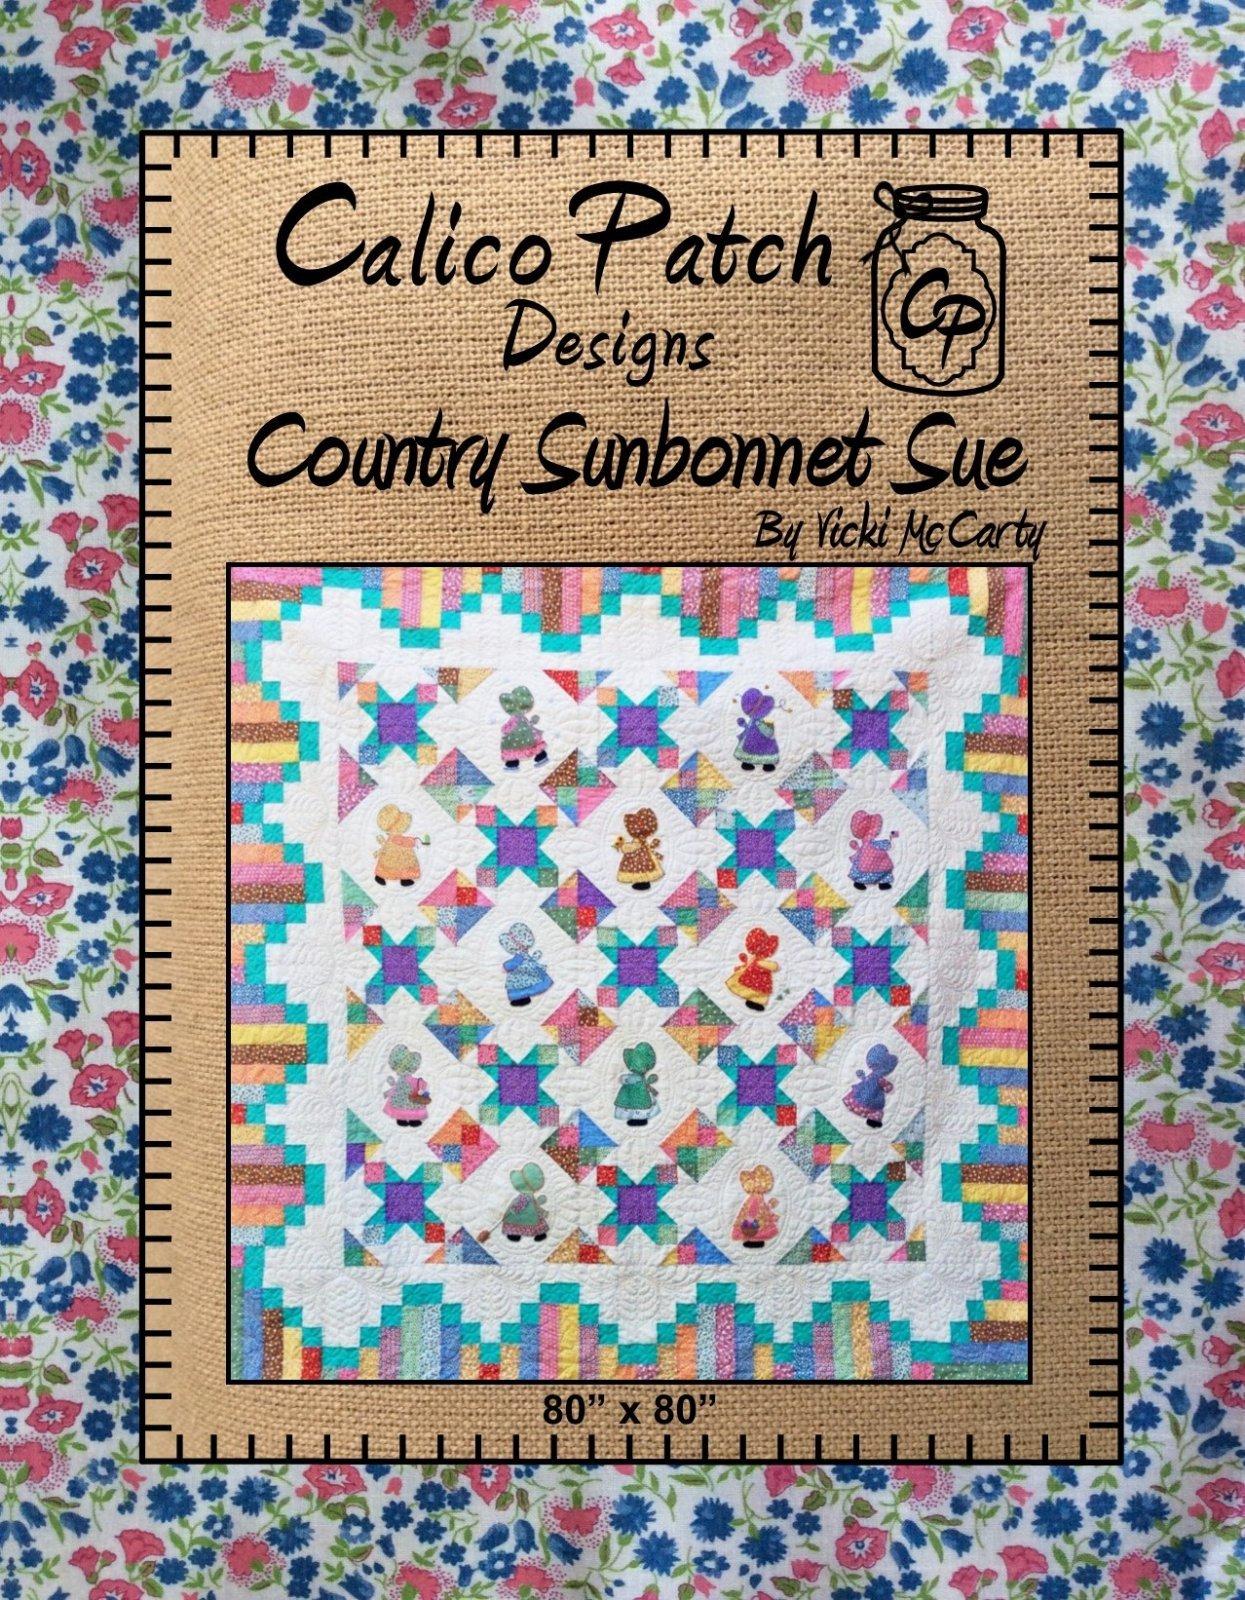 Country Sunbonnet Sue